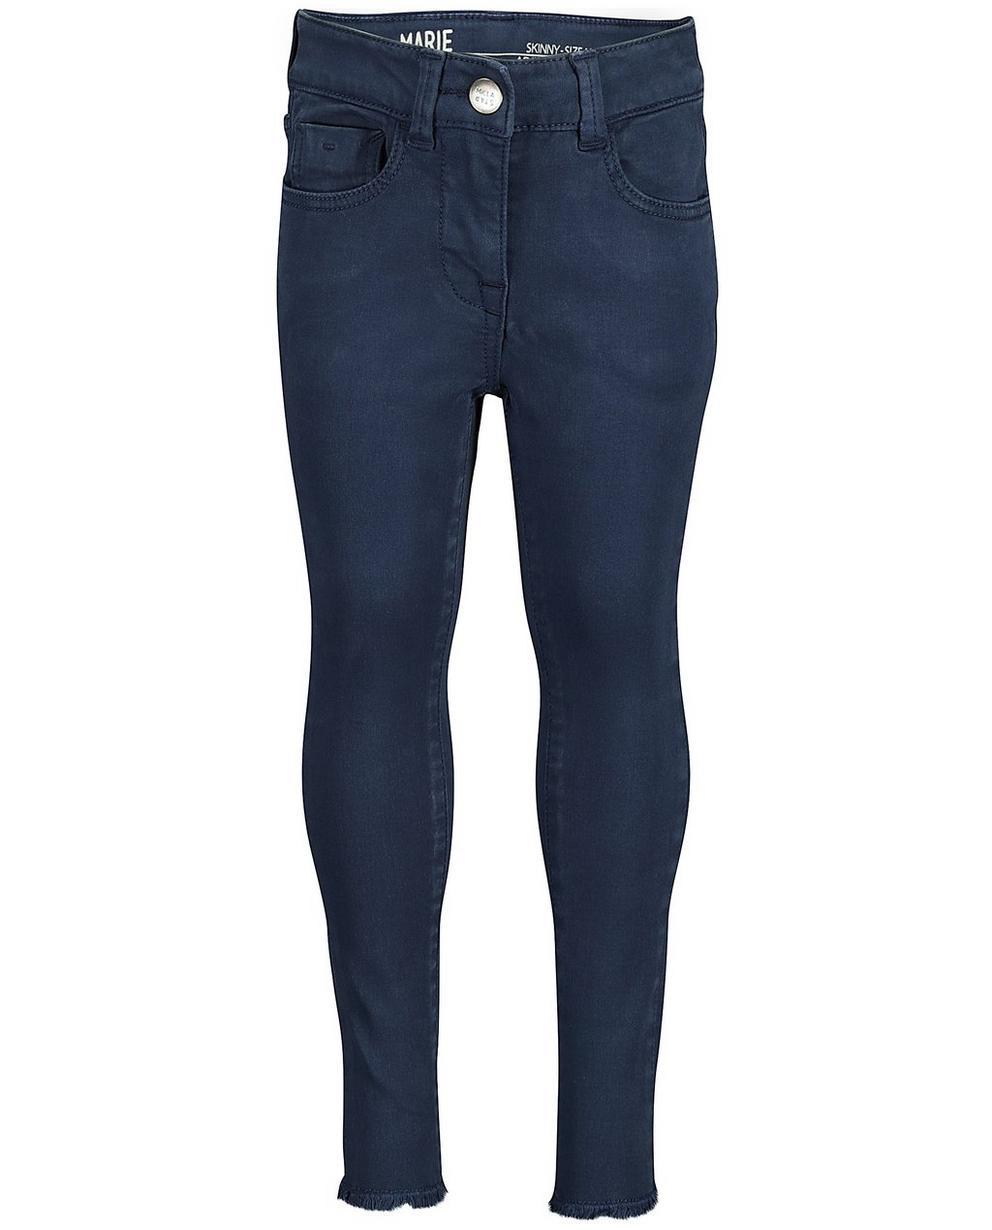 Hosen - Navy - Skinny-Jeans MARIE